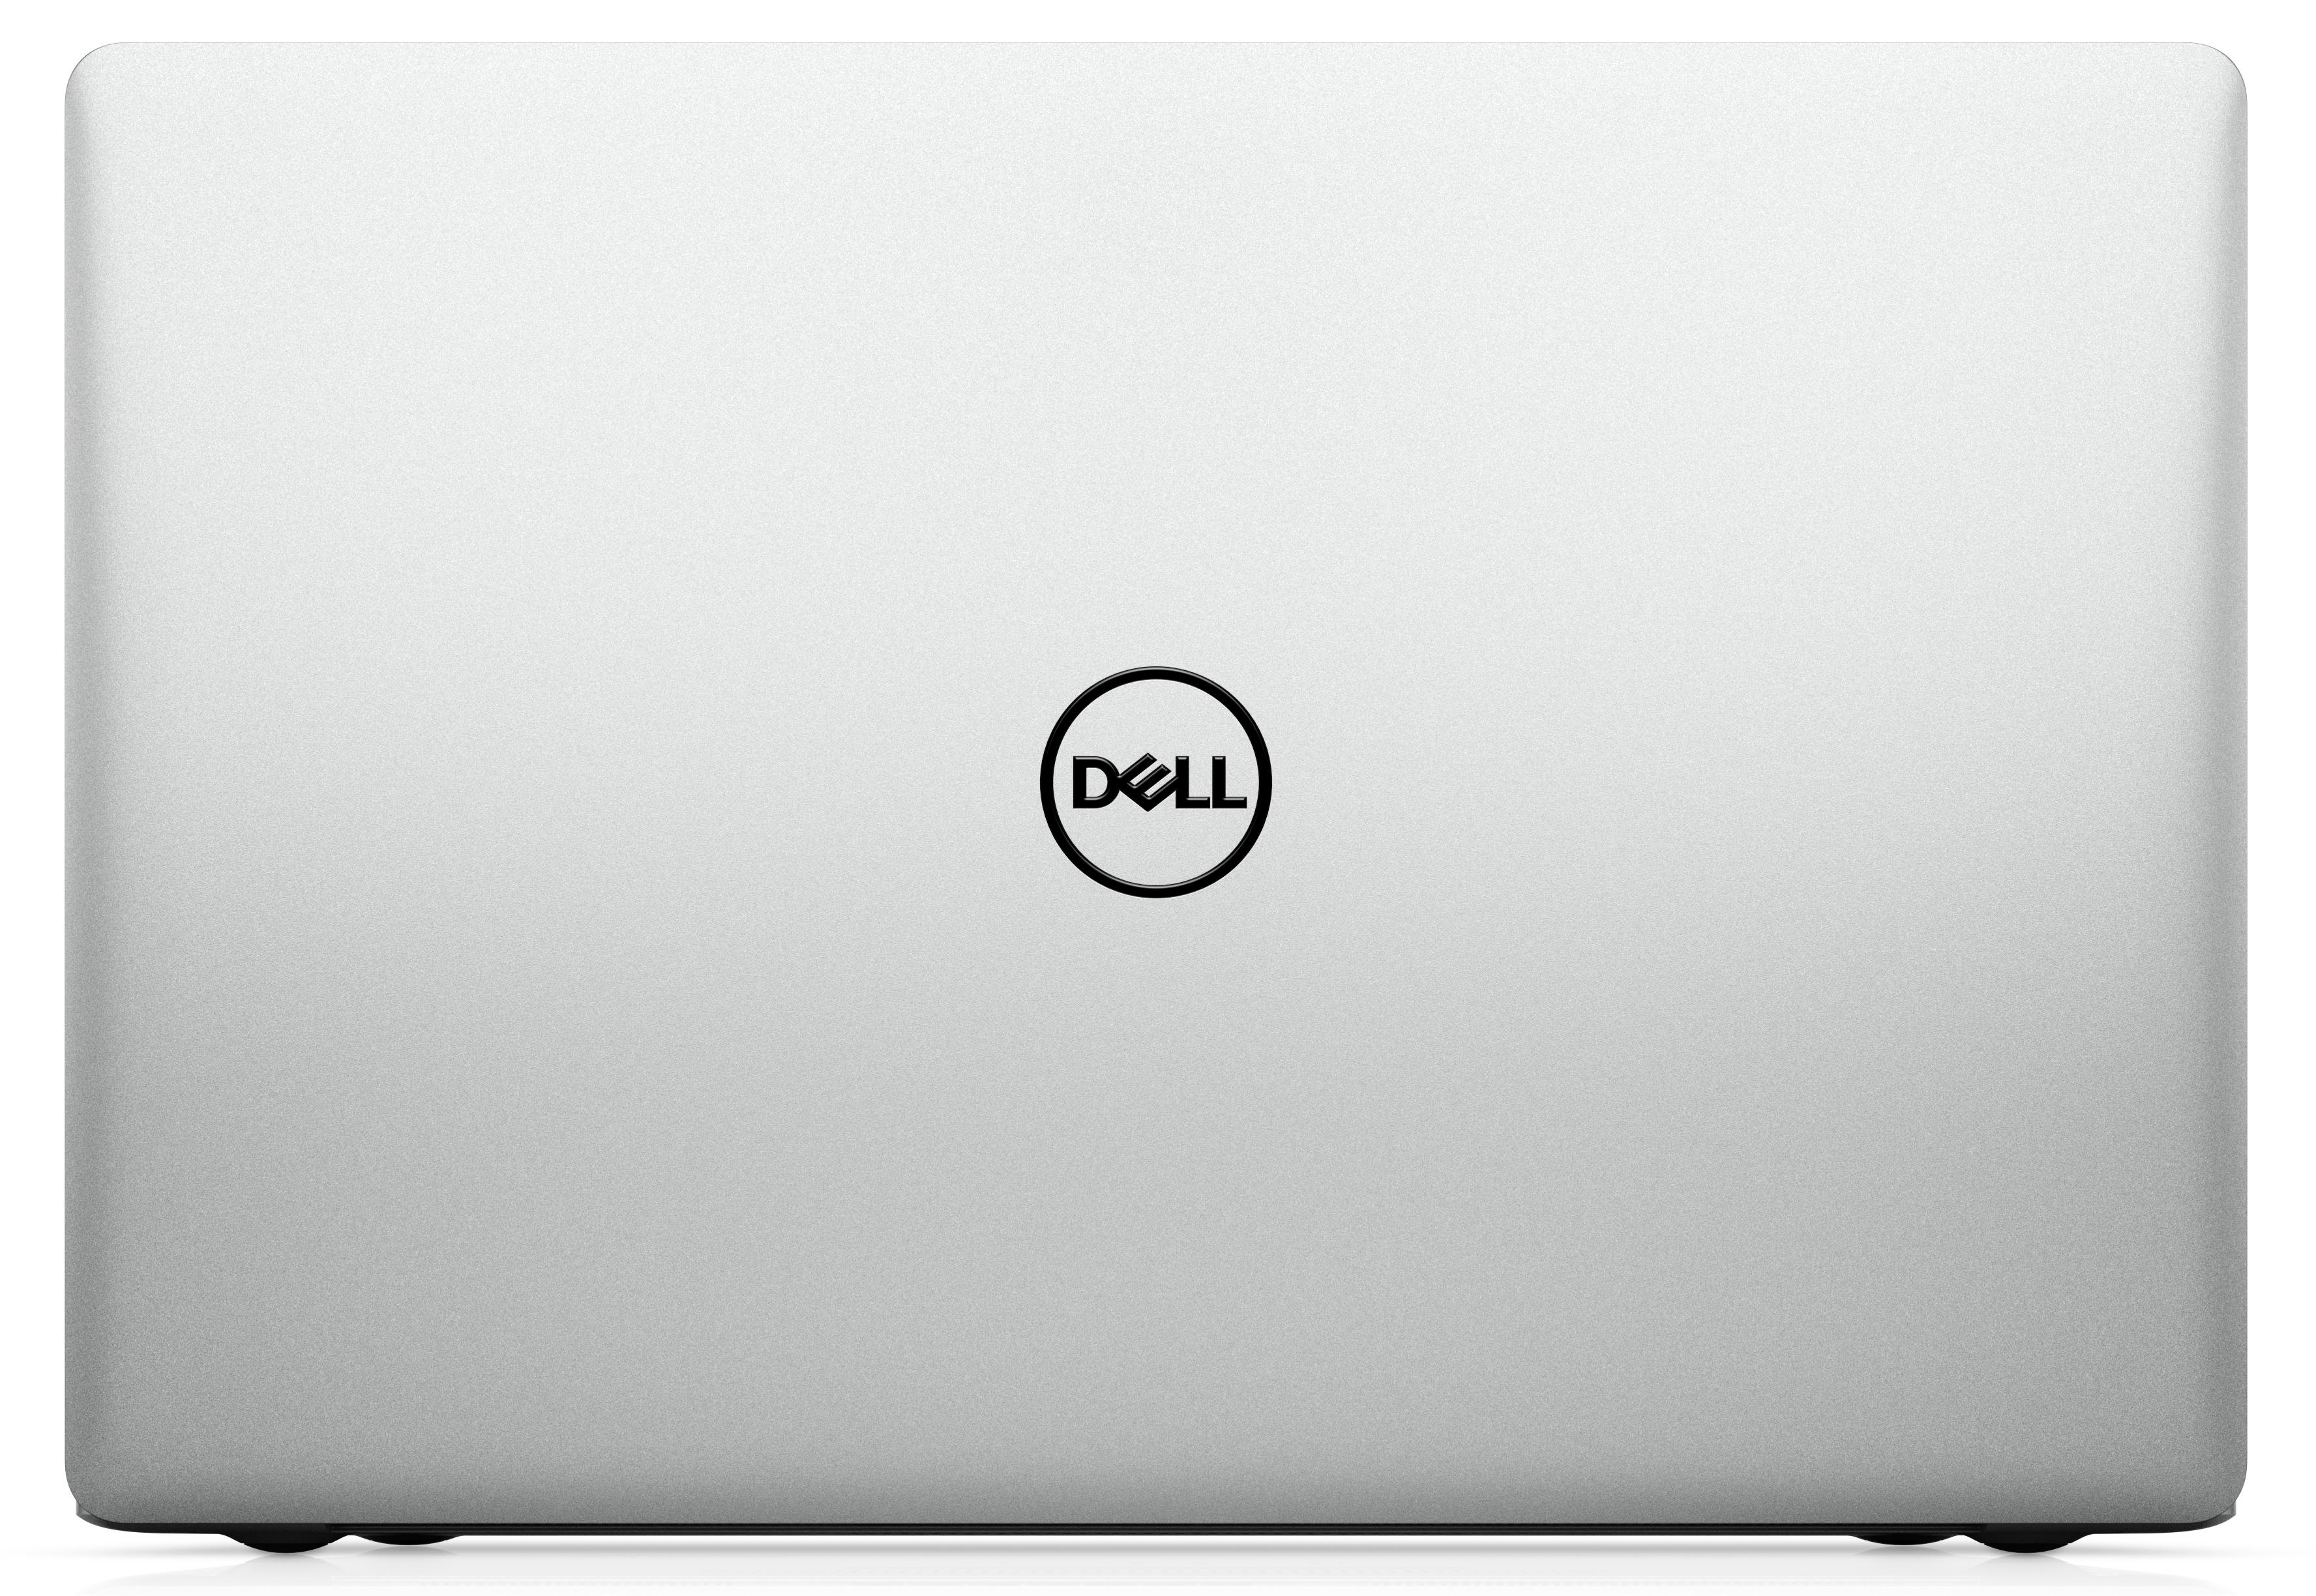 بيانات المنتج DELL Inspiron 5570 أسود, فضة حاسوب محمول 39,6